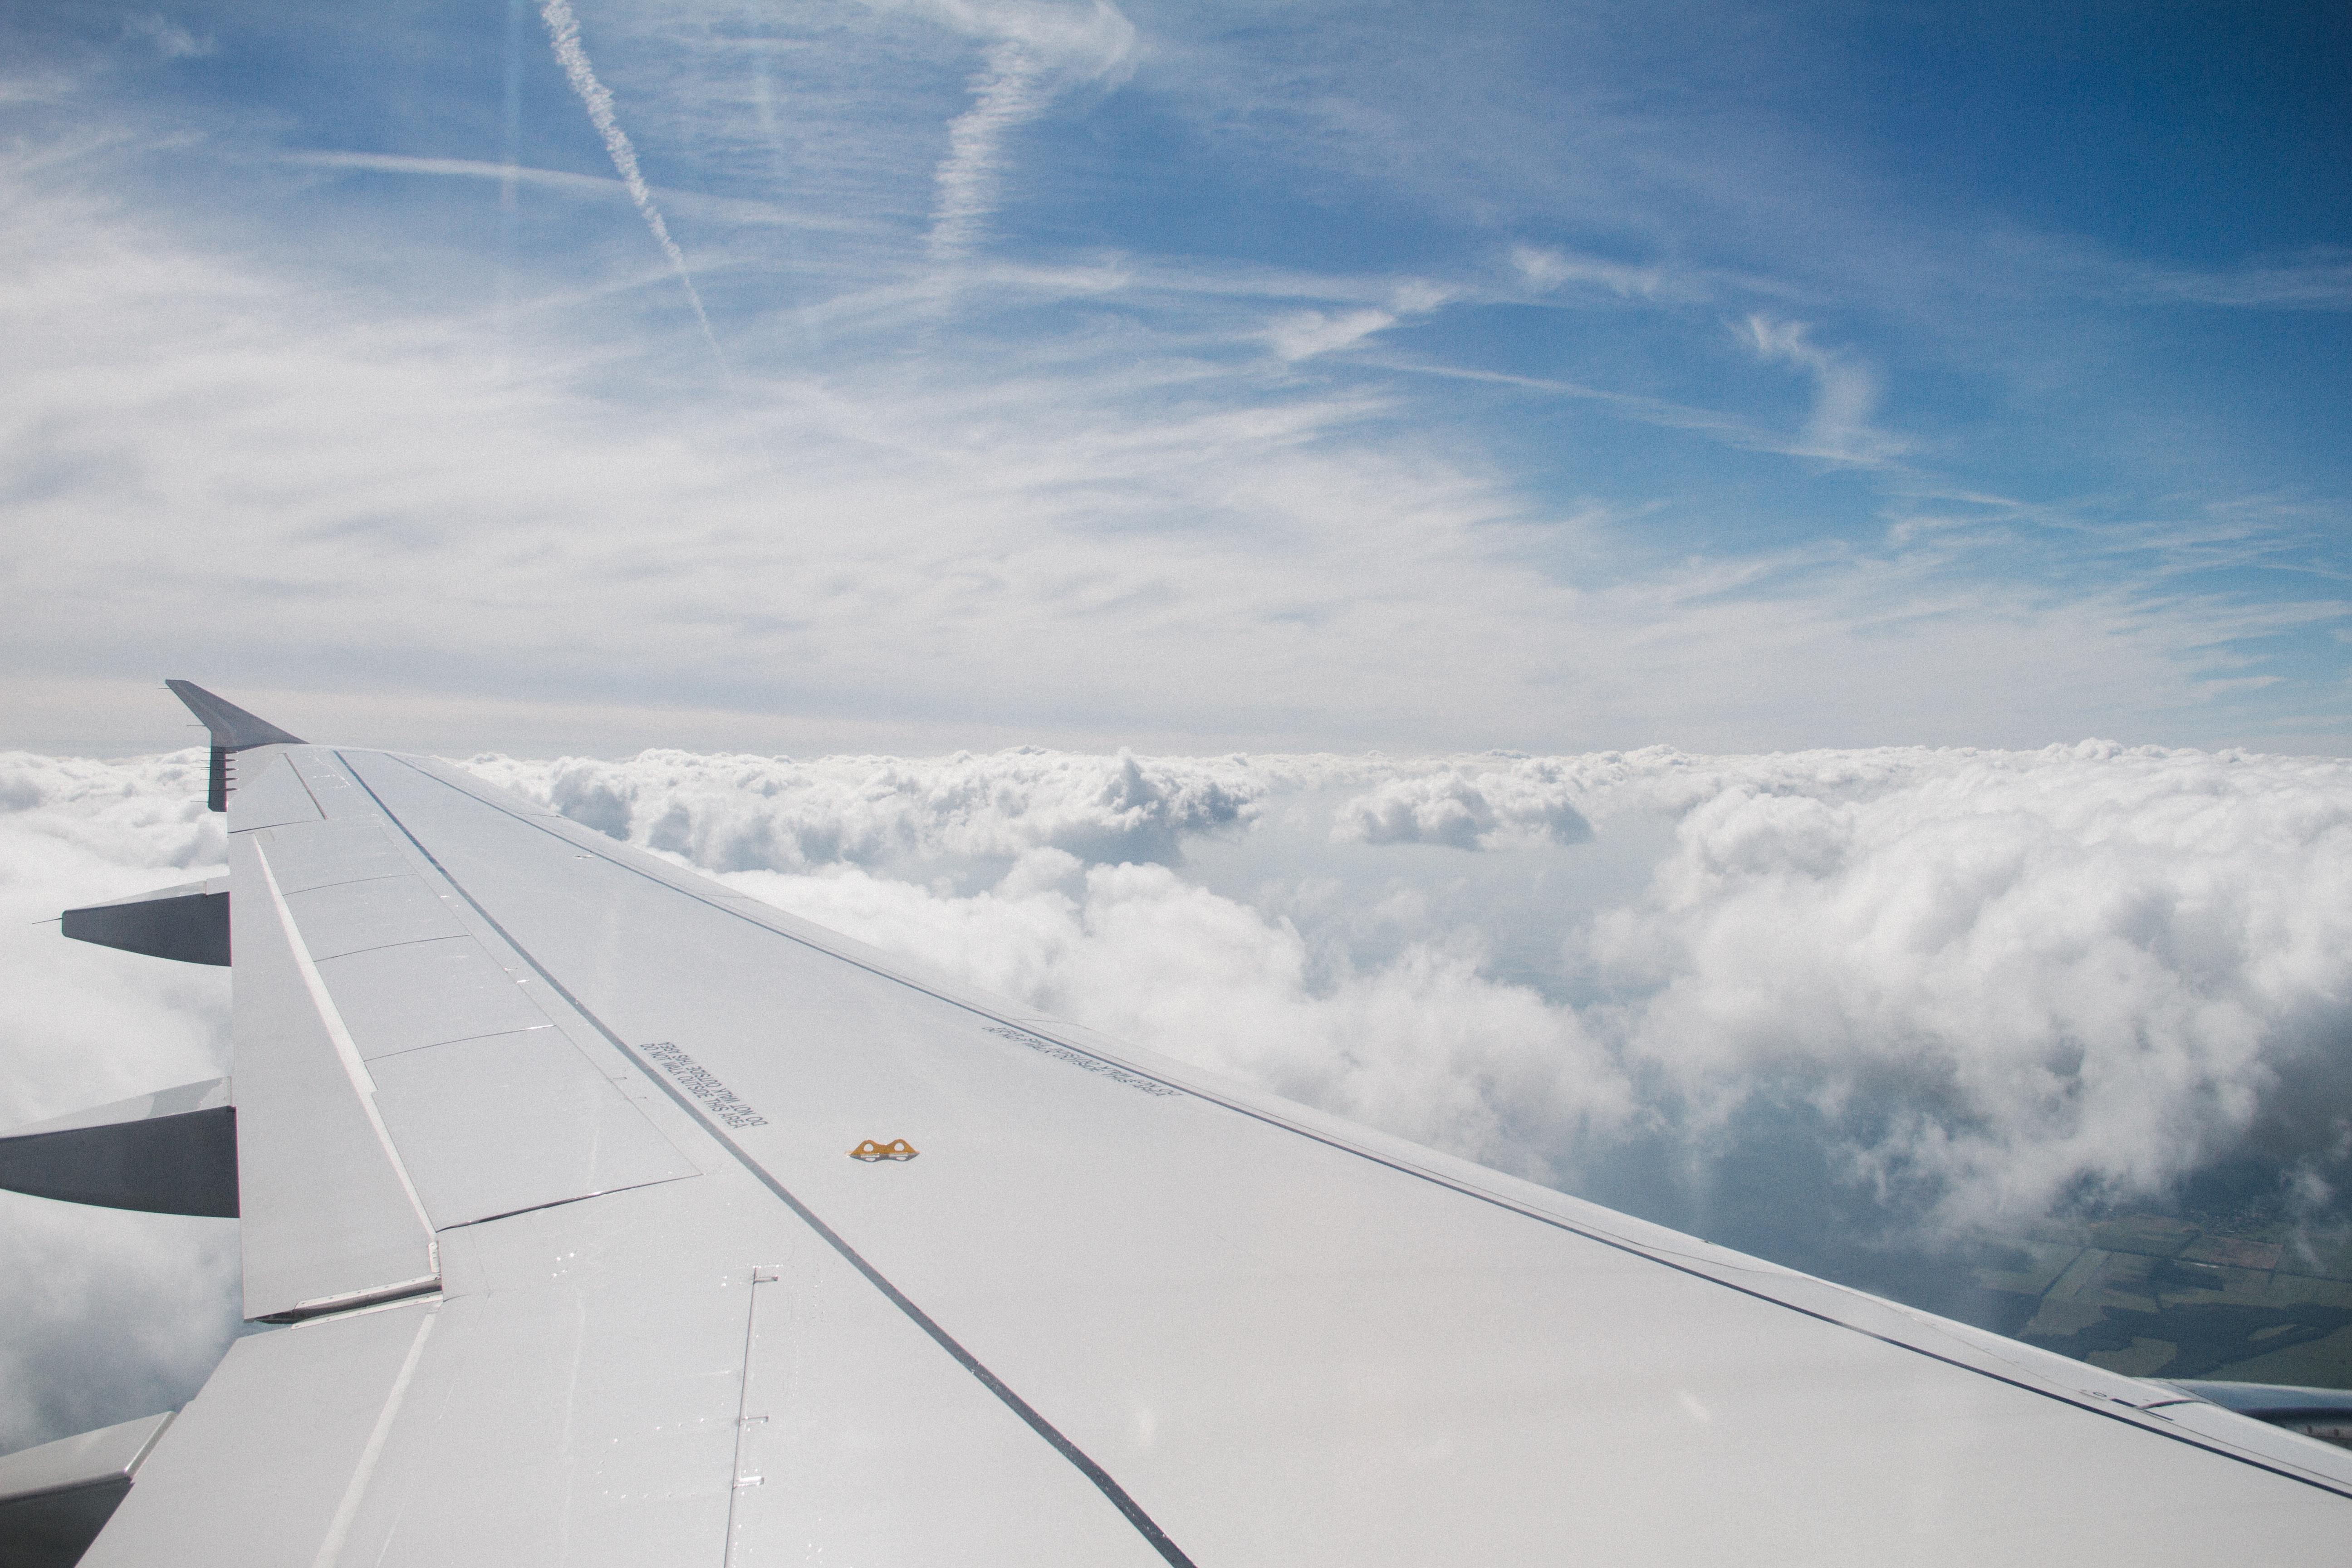 новосибирск прибыло картинки самолет в небе зимой еще кто-то, кто